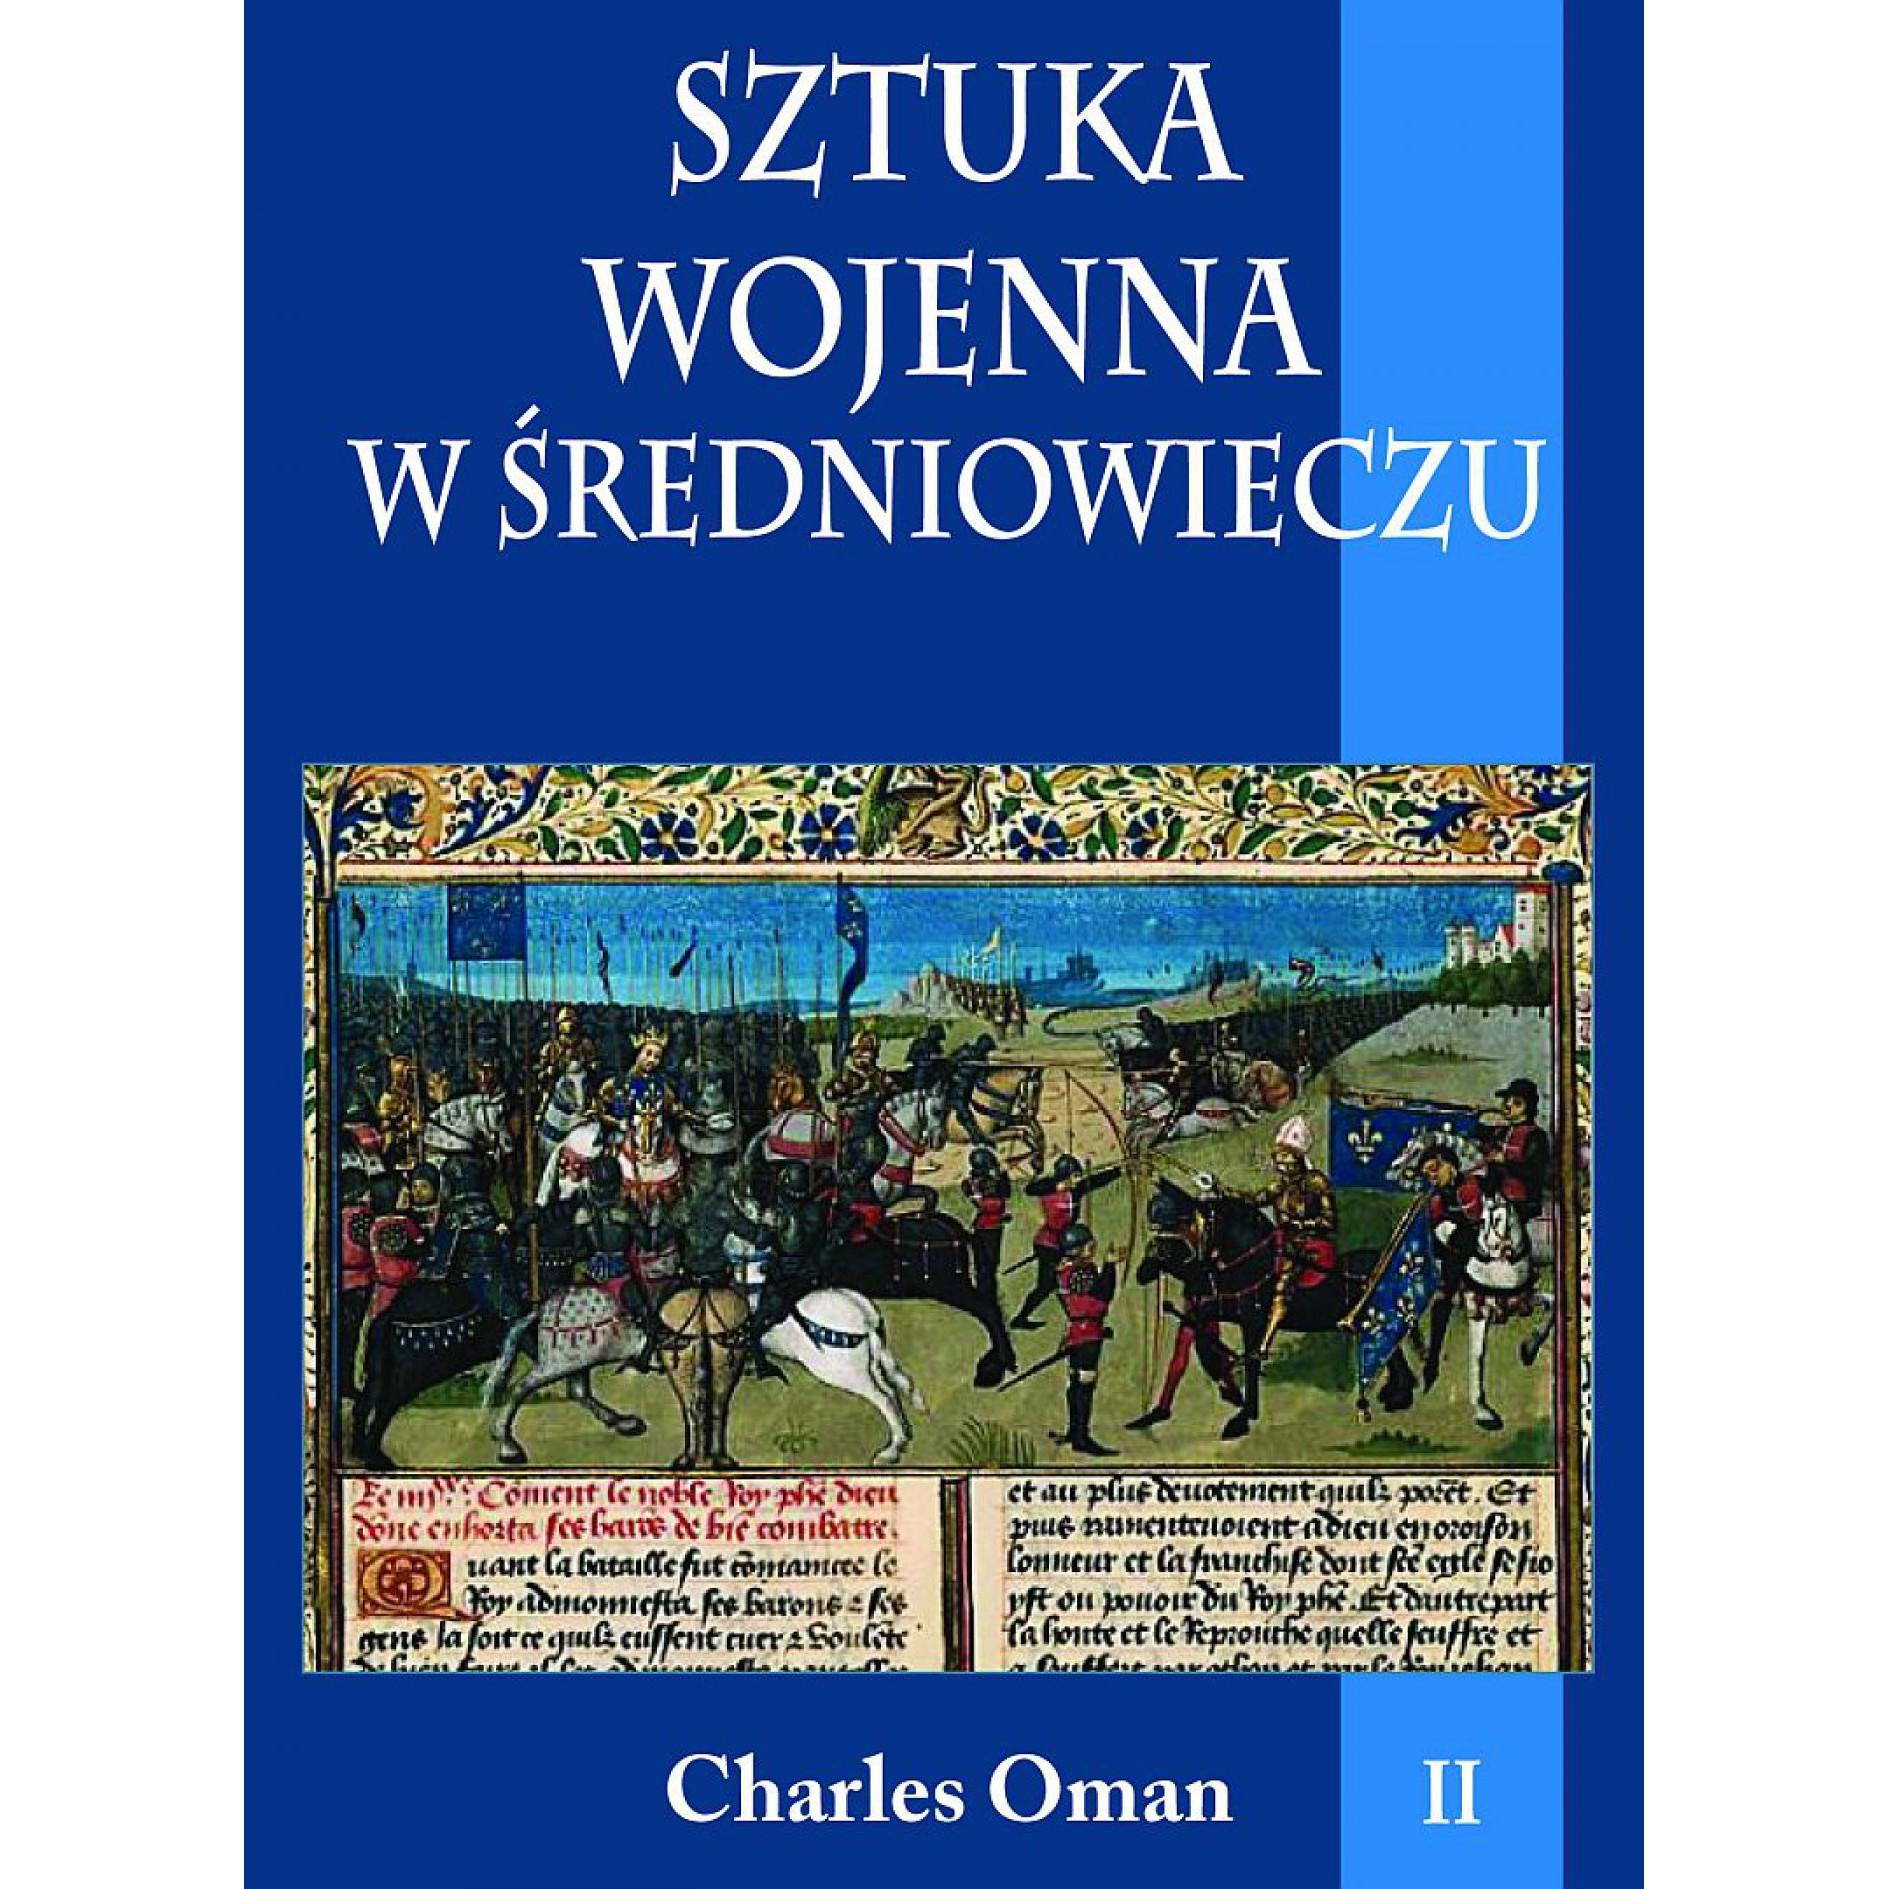 Sztuka wojenna w średniowieczu tom II